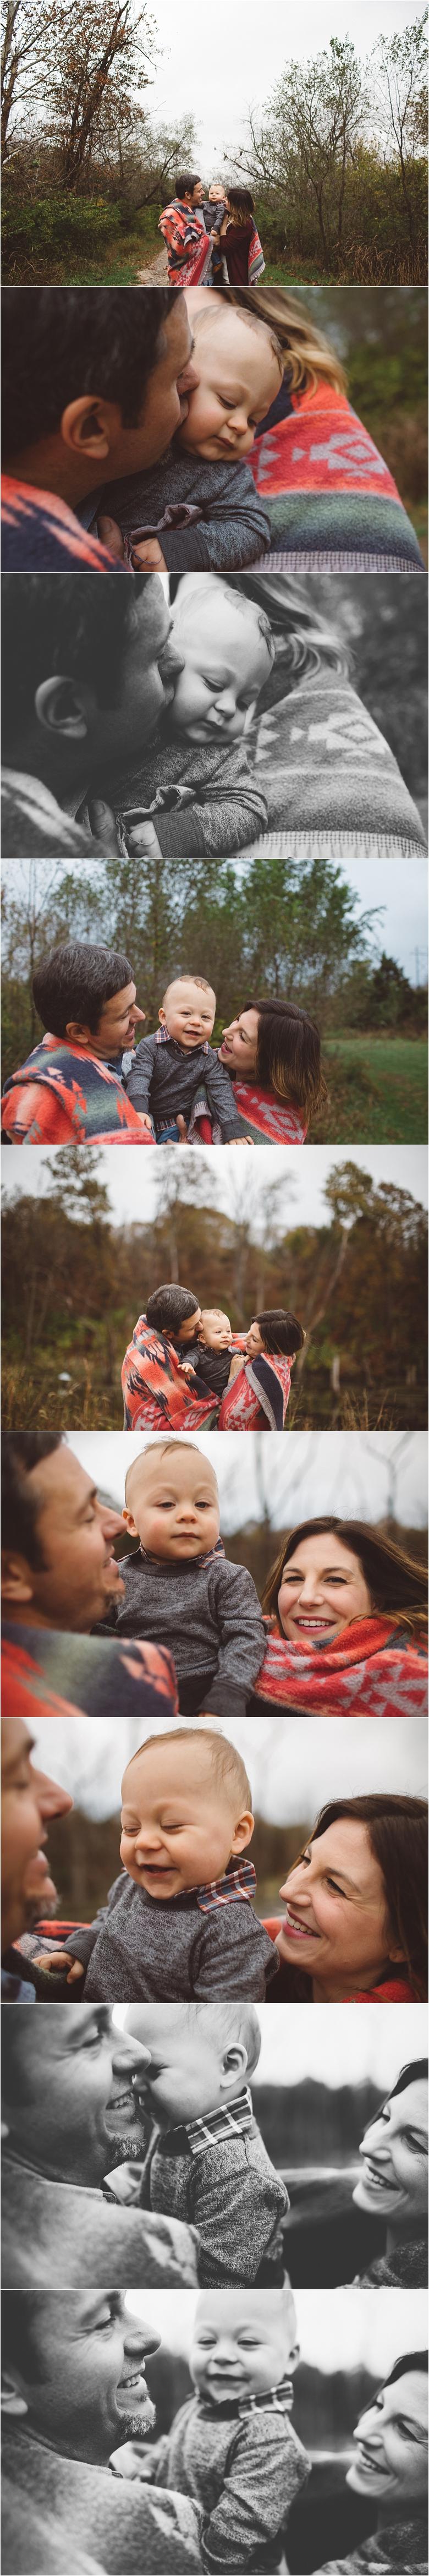 kansascitysfamilyphotographer_1003